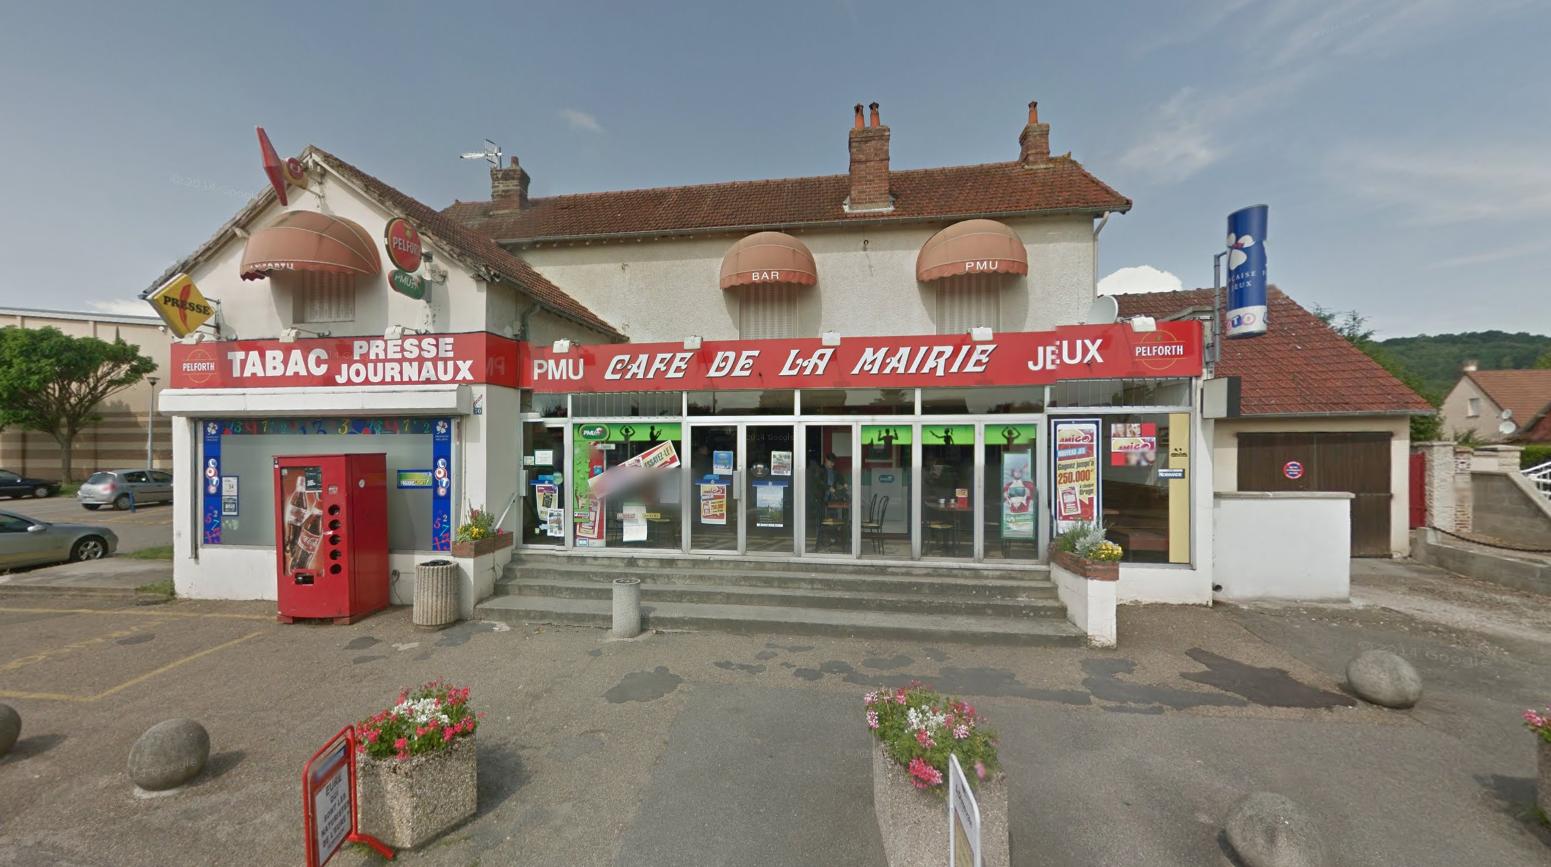 Le bar-tabac-presse est situé devant la mairie, rue Saint Fiacre. La gérante ouvrait son établissement lorsque les malfaiteurs ont fait irruption, (Photo @Google Maps)